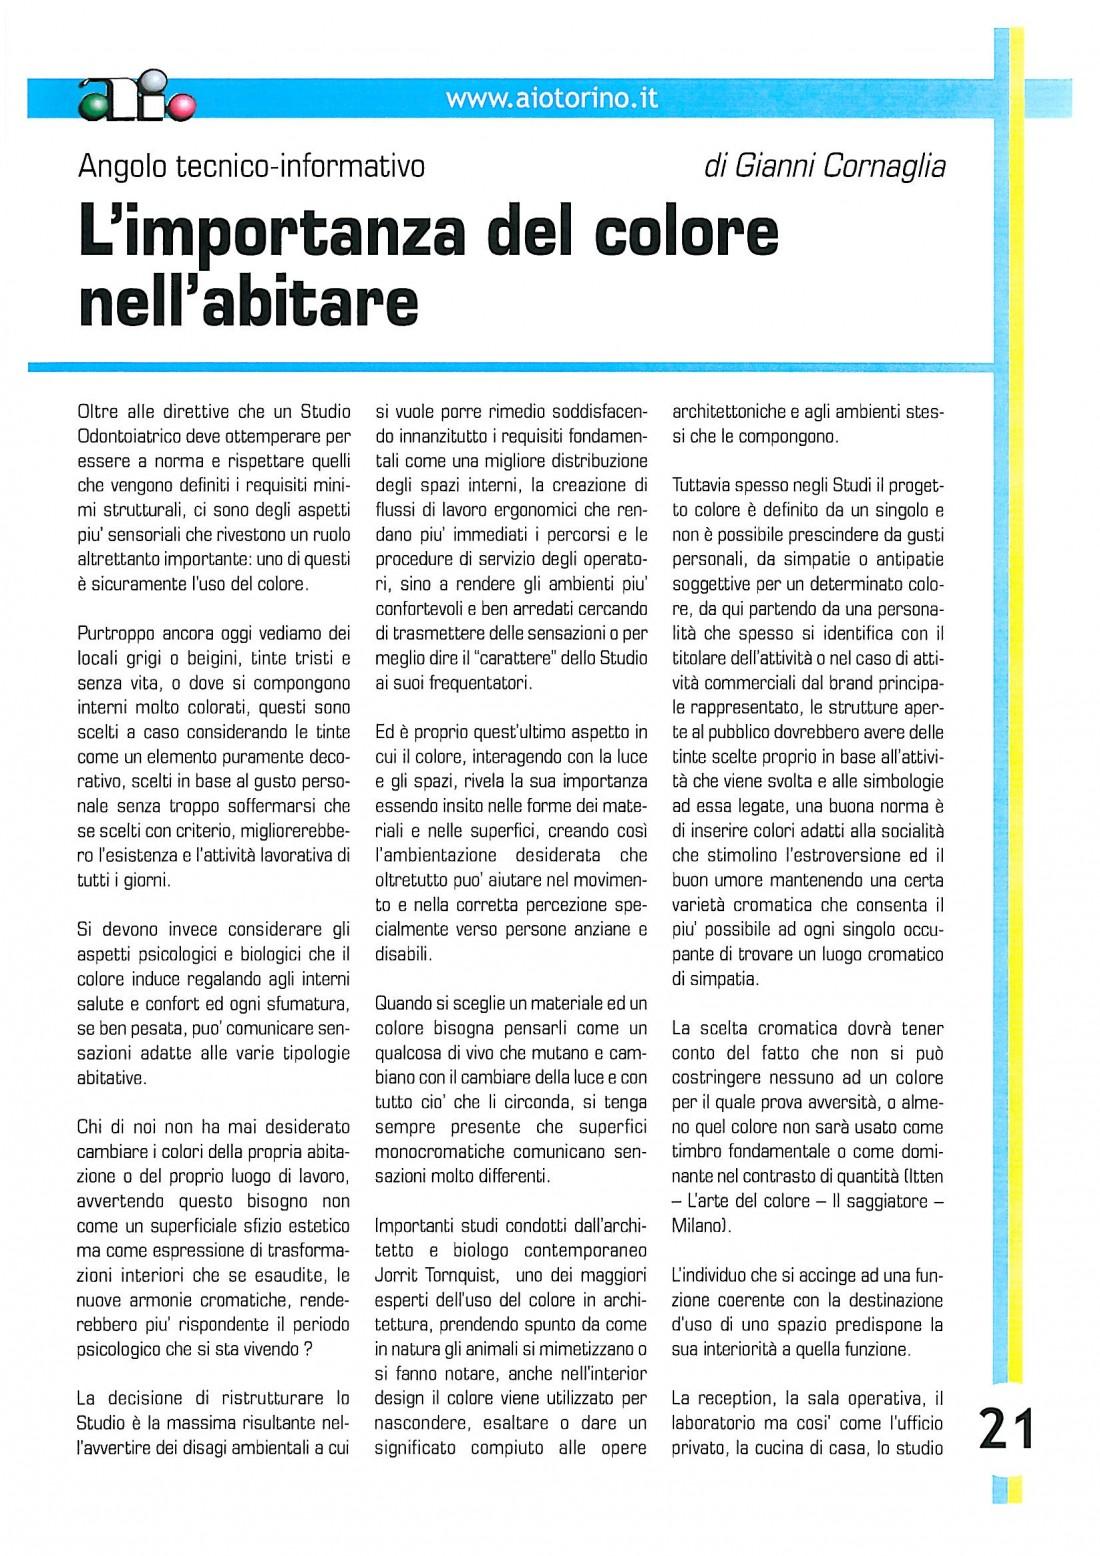 importanza_del_colore_1